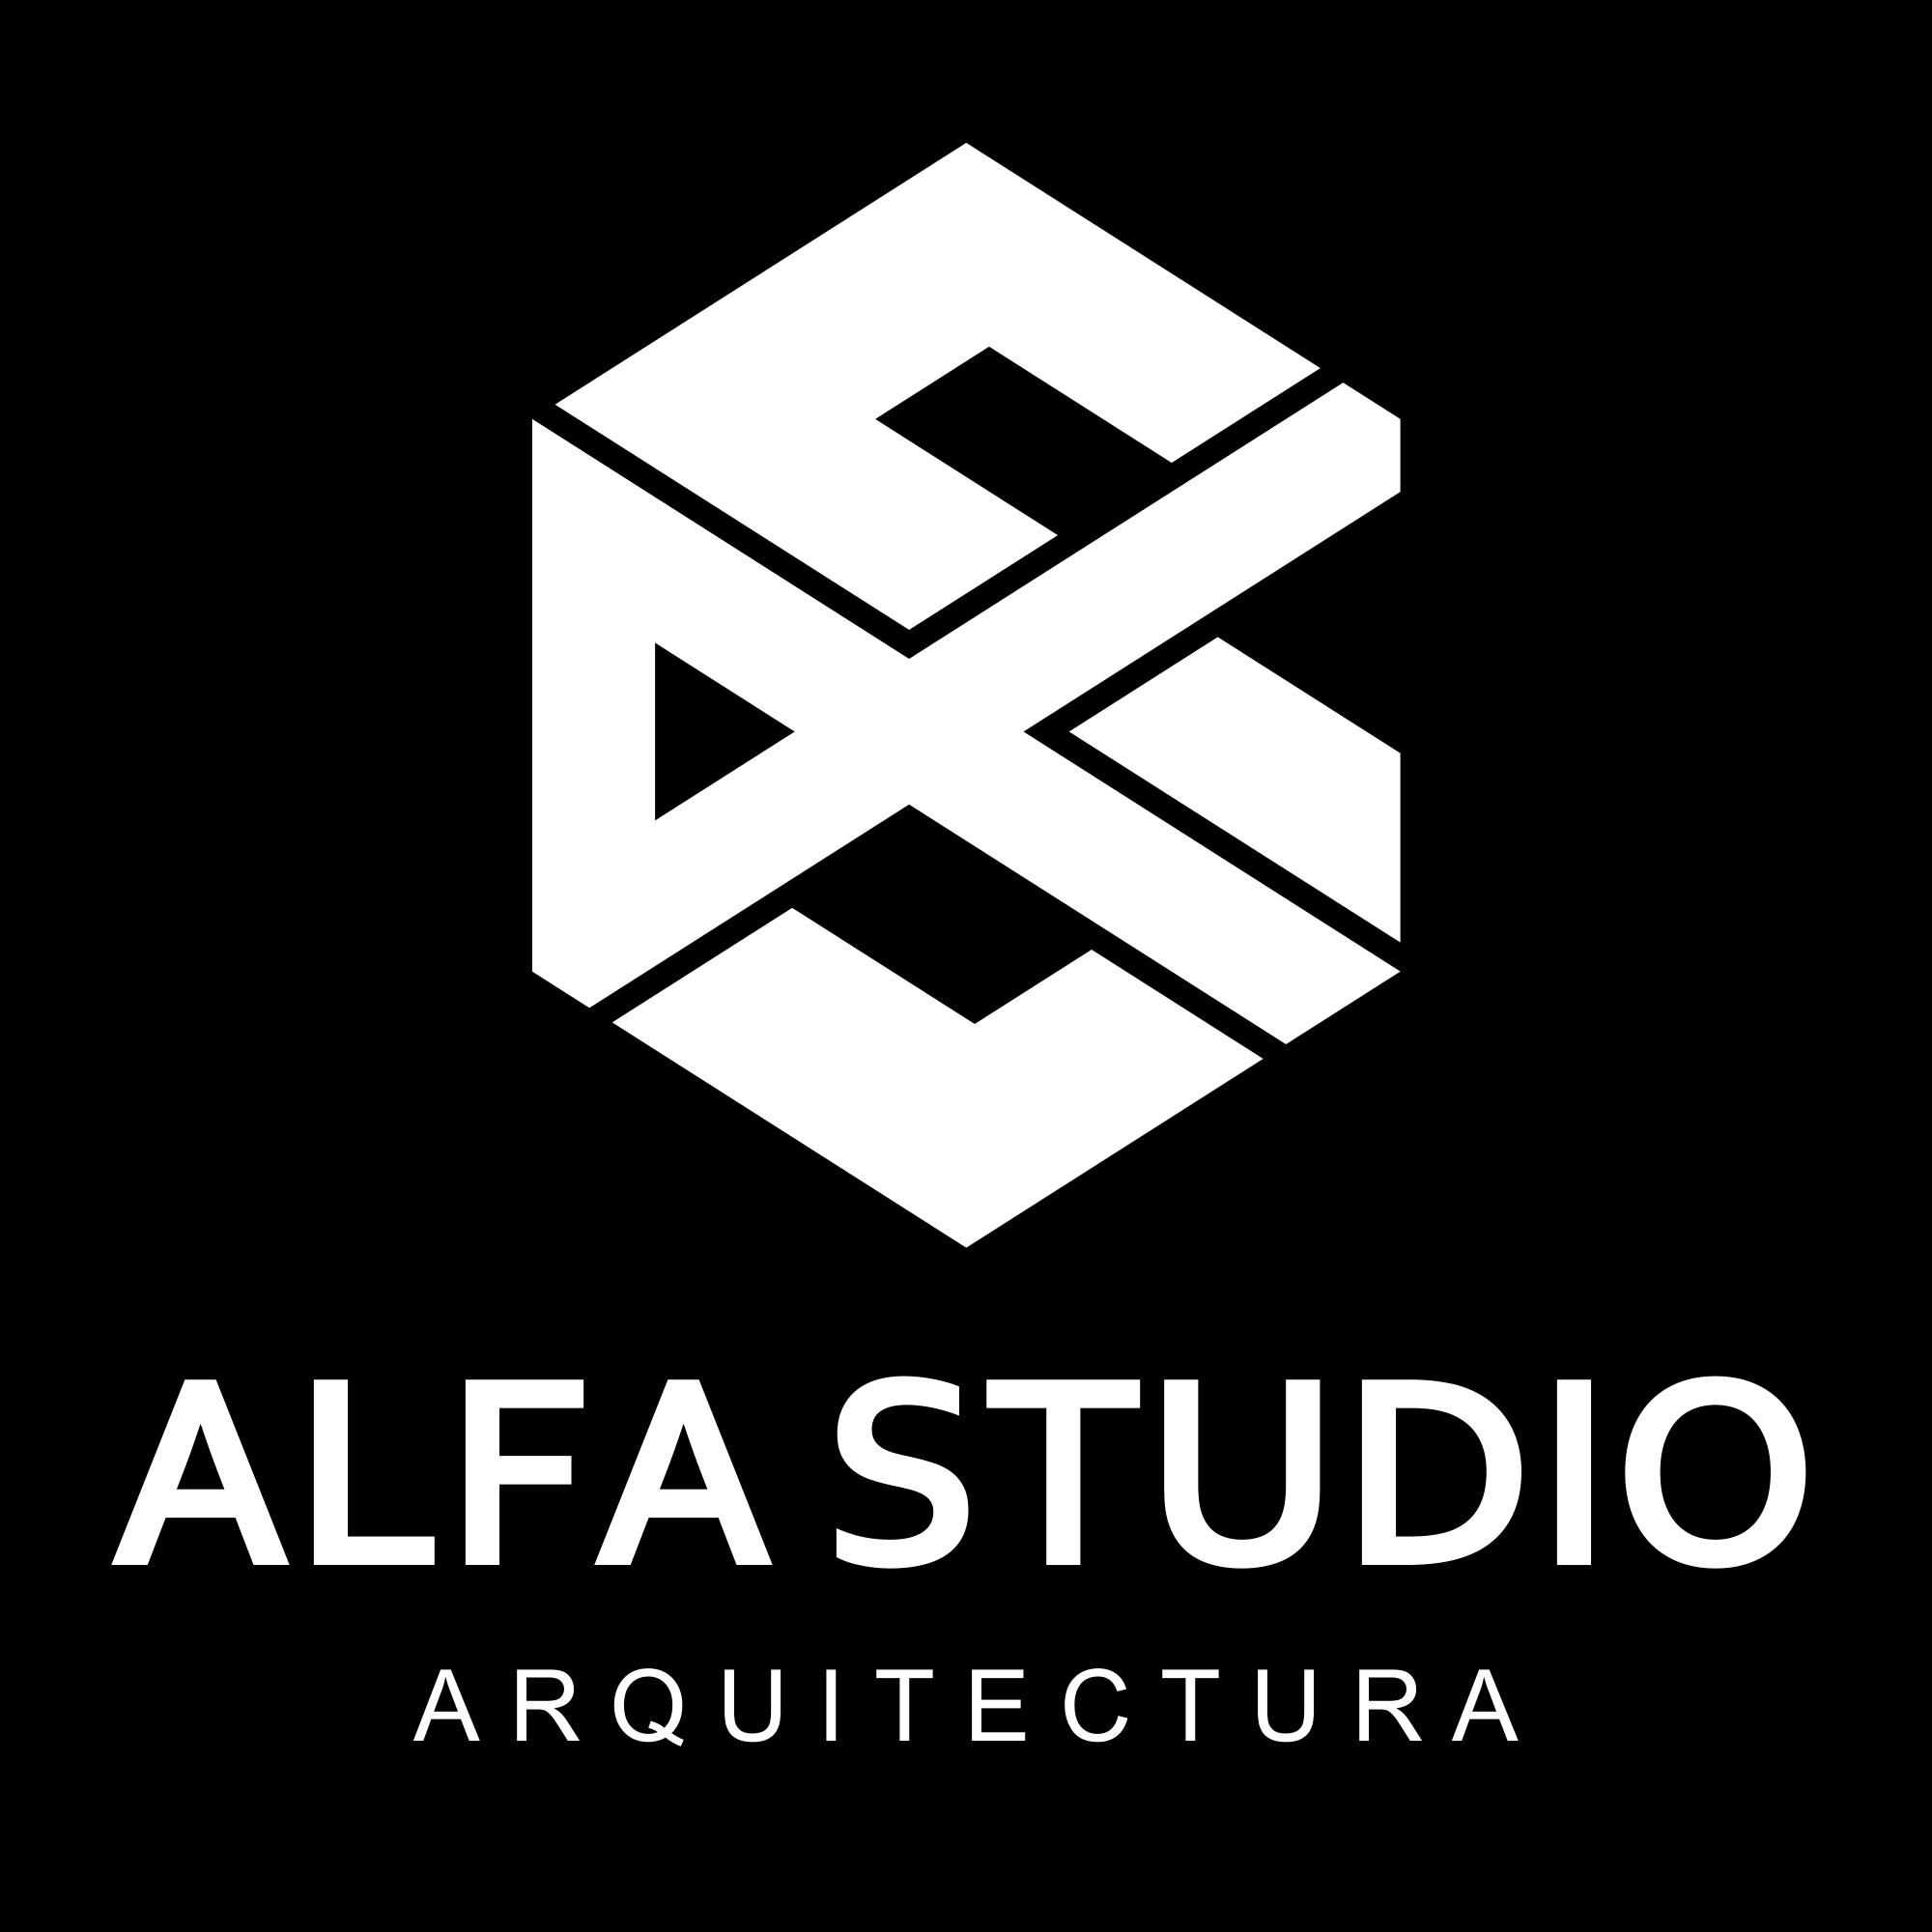 Alfa Studio